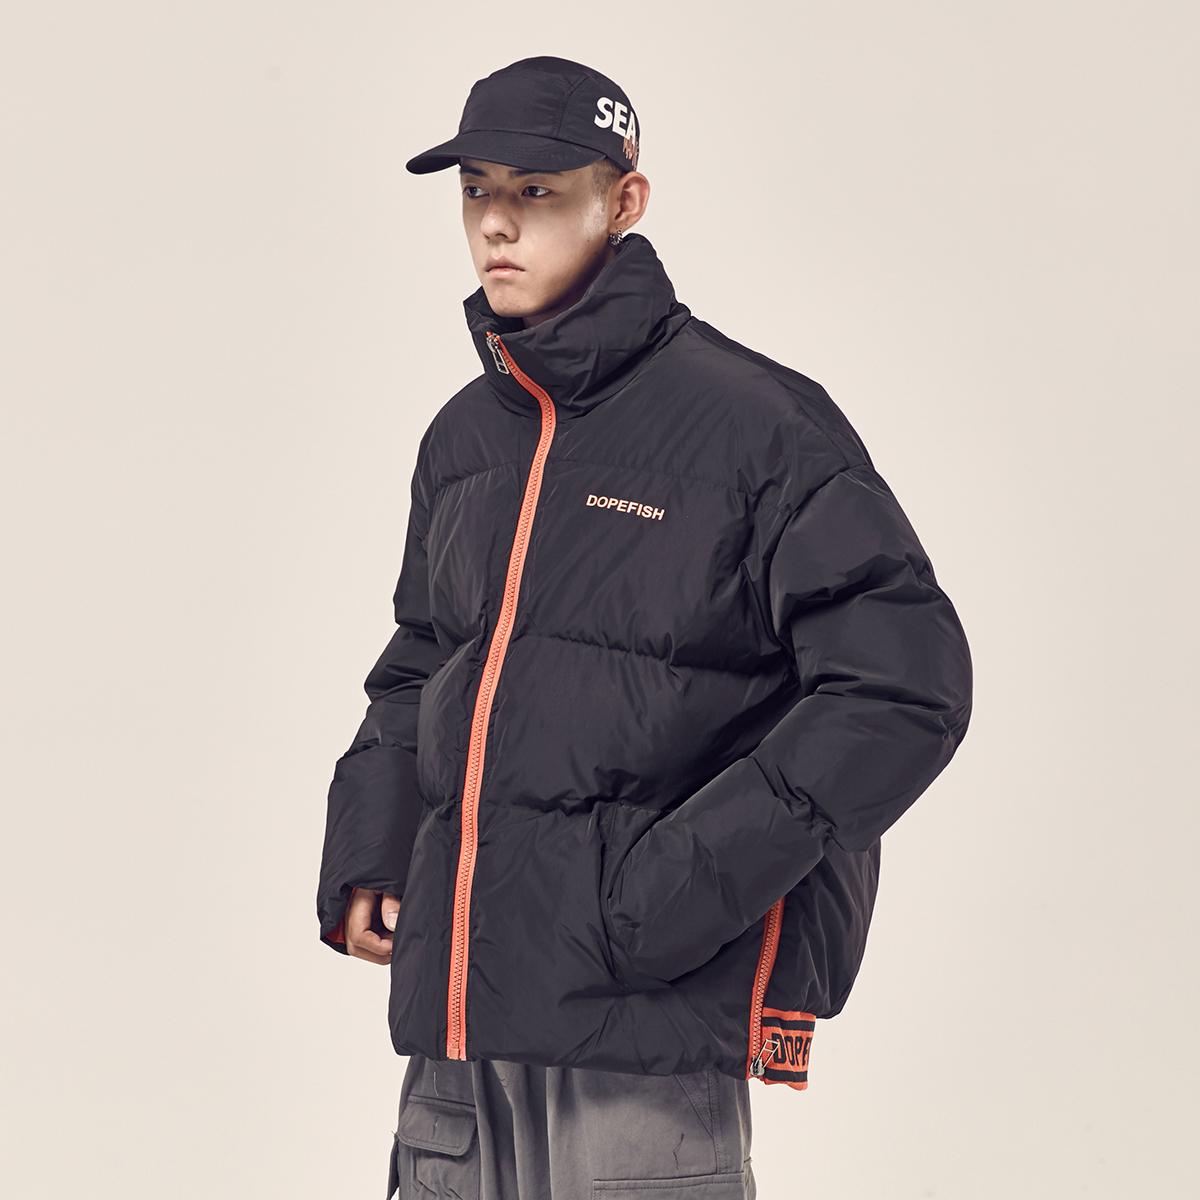 Đường nam mùa đông thủy triều mới thương hiệu quần áo cotton nam ấm áo dày giản dị áo khoác nam lỏng lẻo quần áo cotton nam - Trang phục Couple